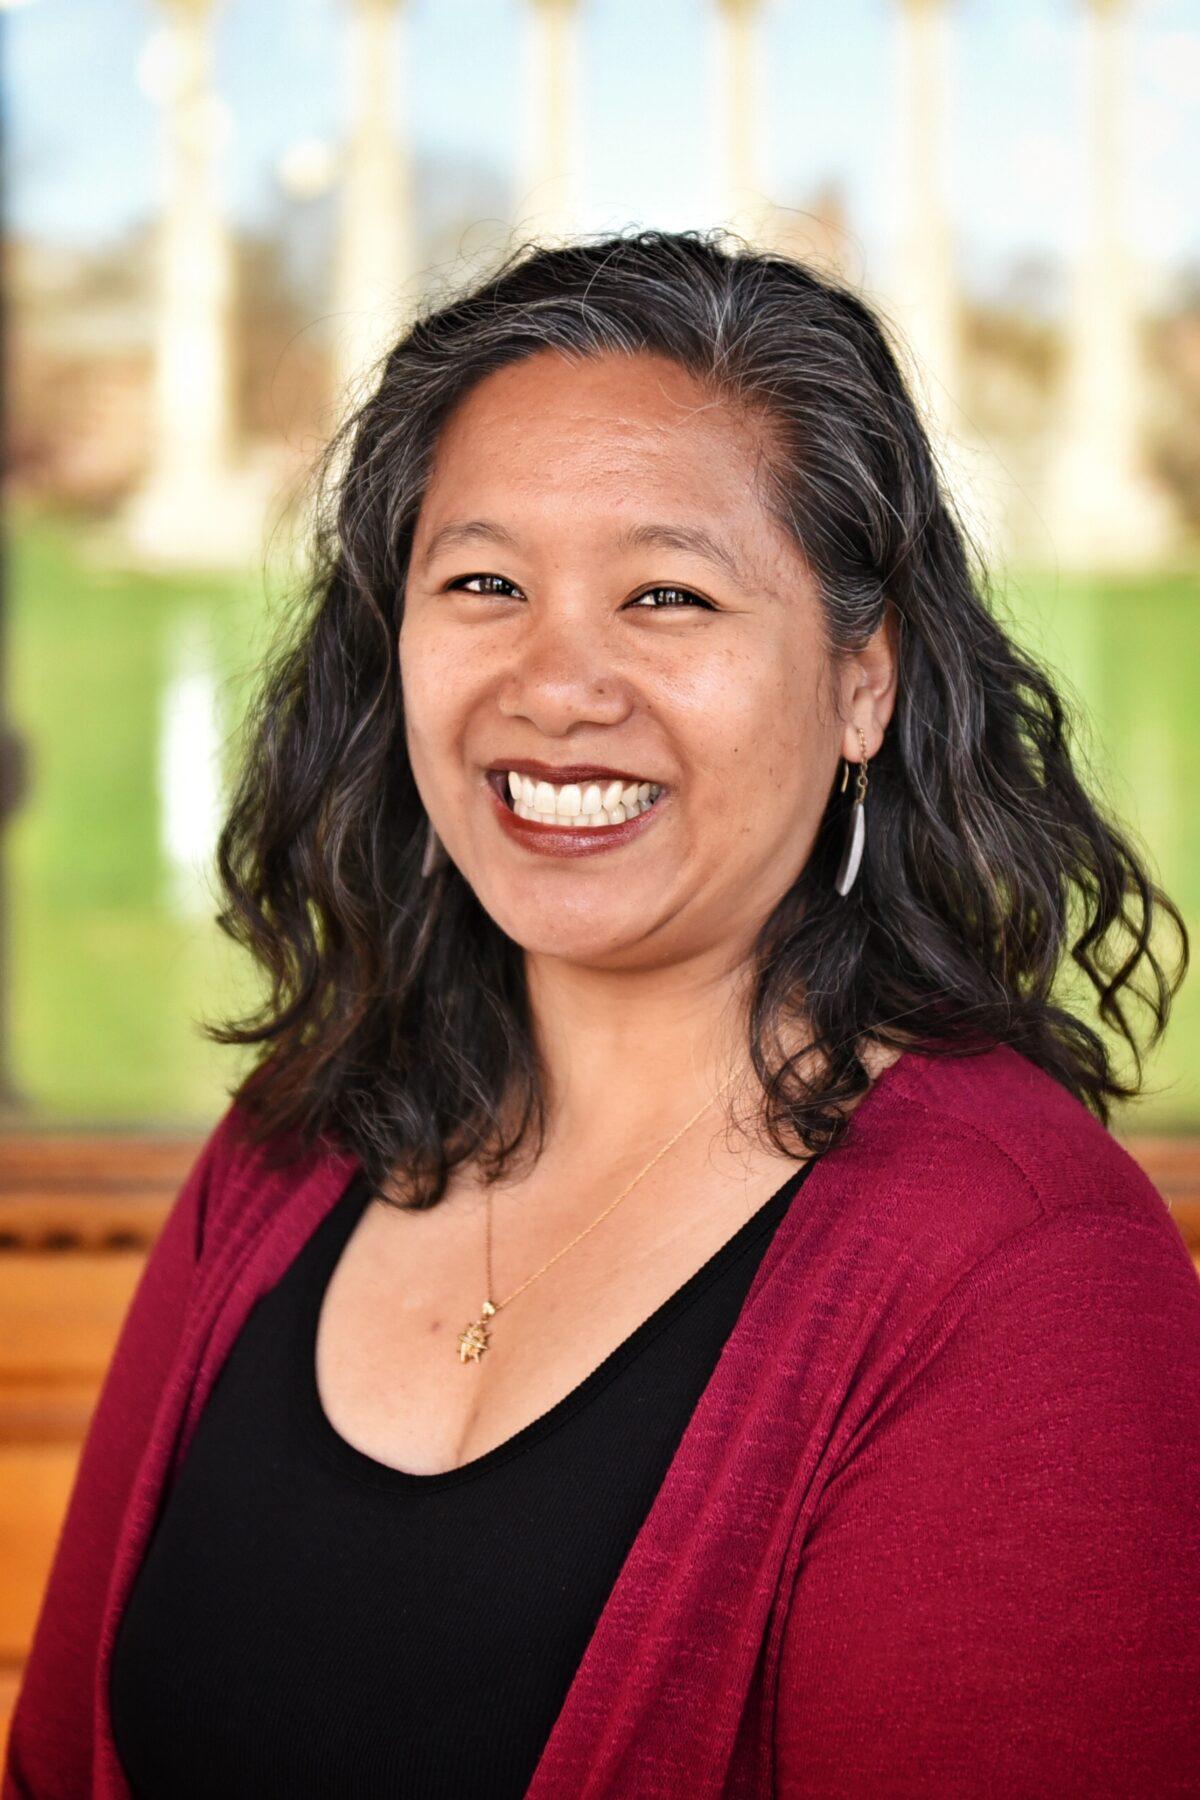 Headshot of Theresa Metz